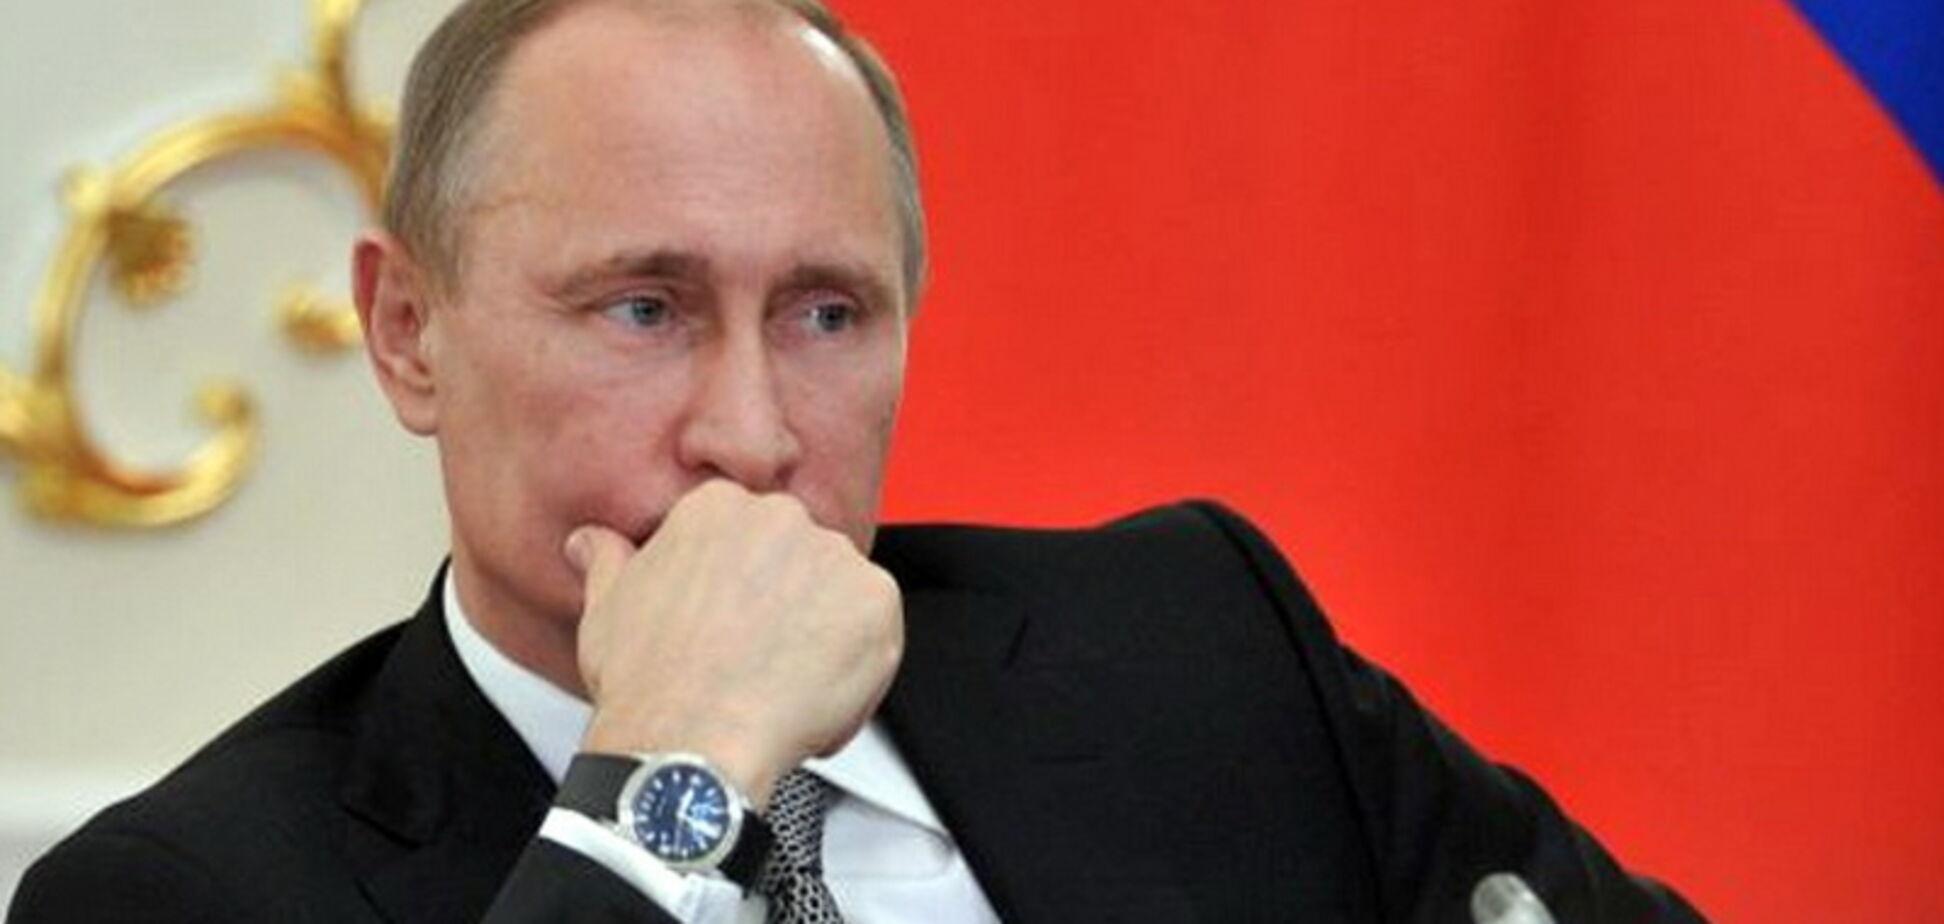 Путін готується до наступу: генерал дав тривожний прогноз